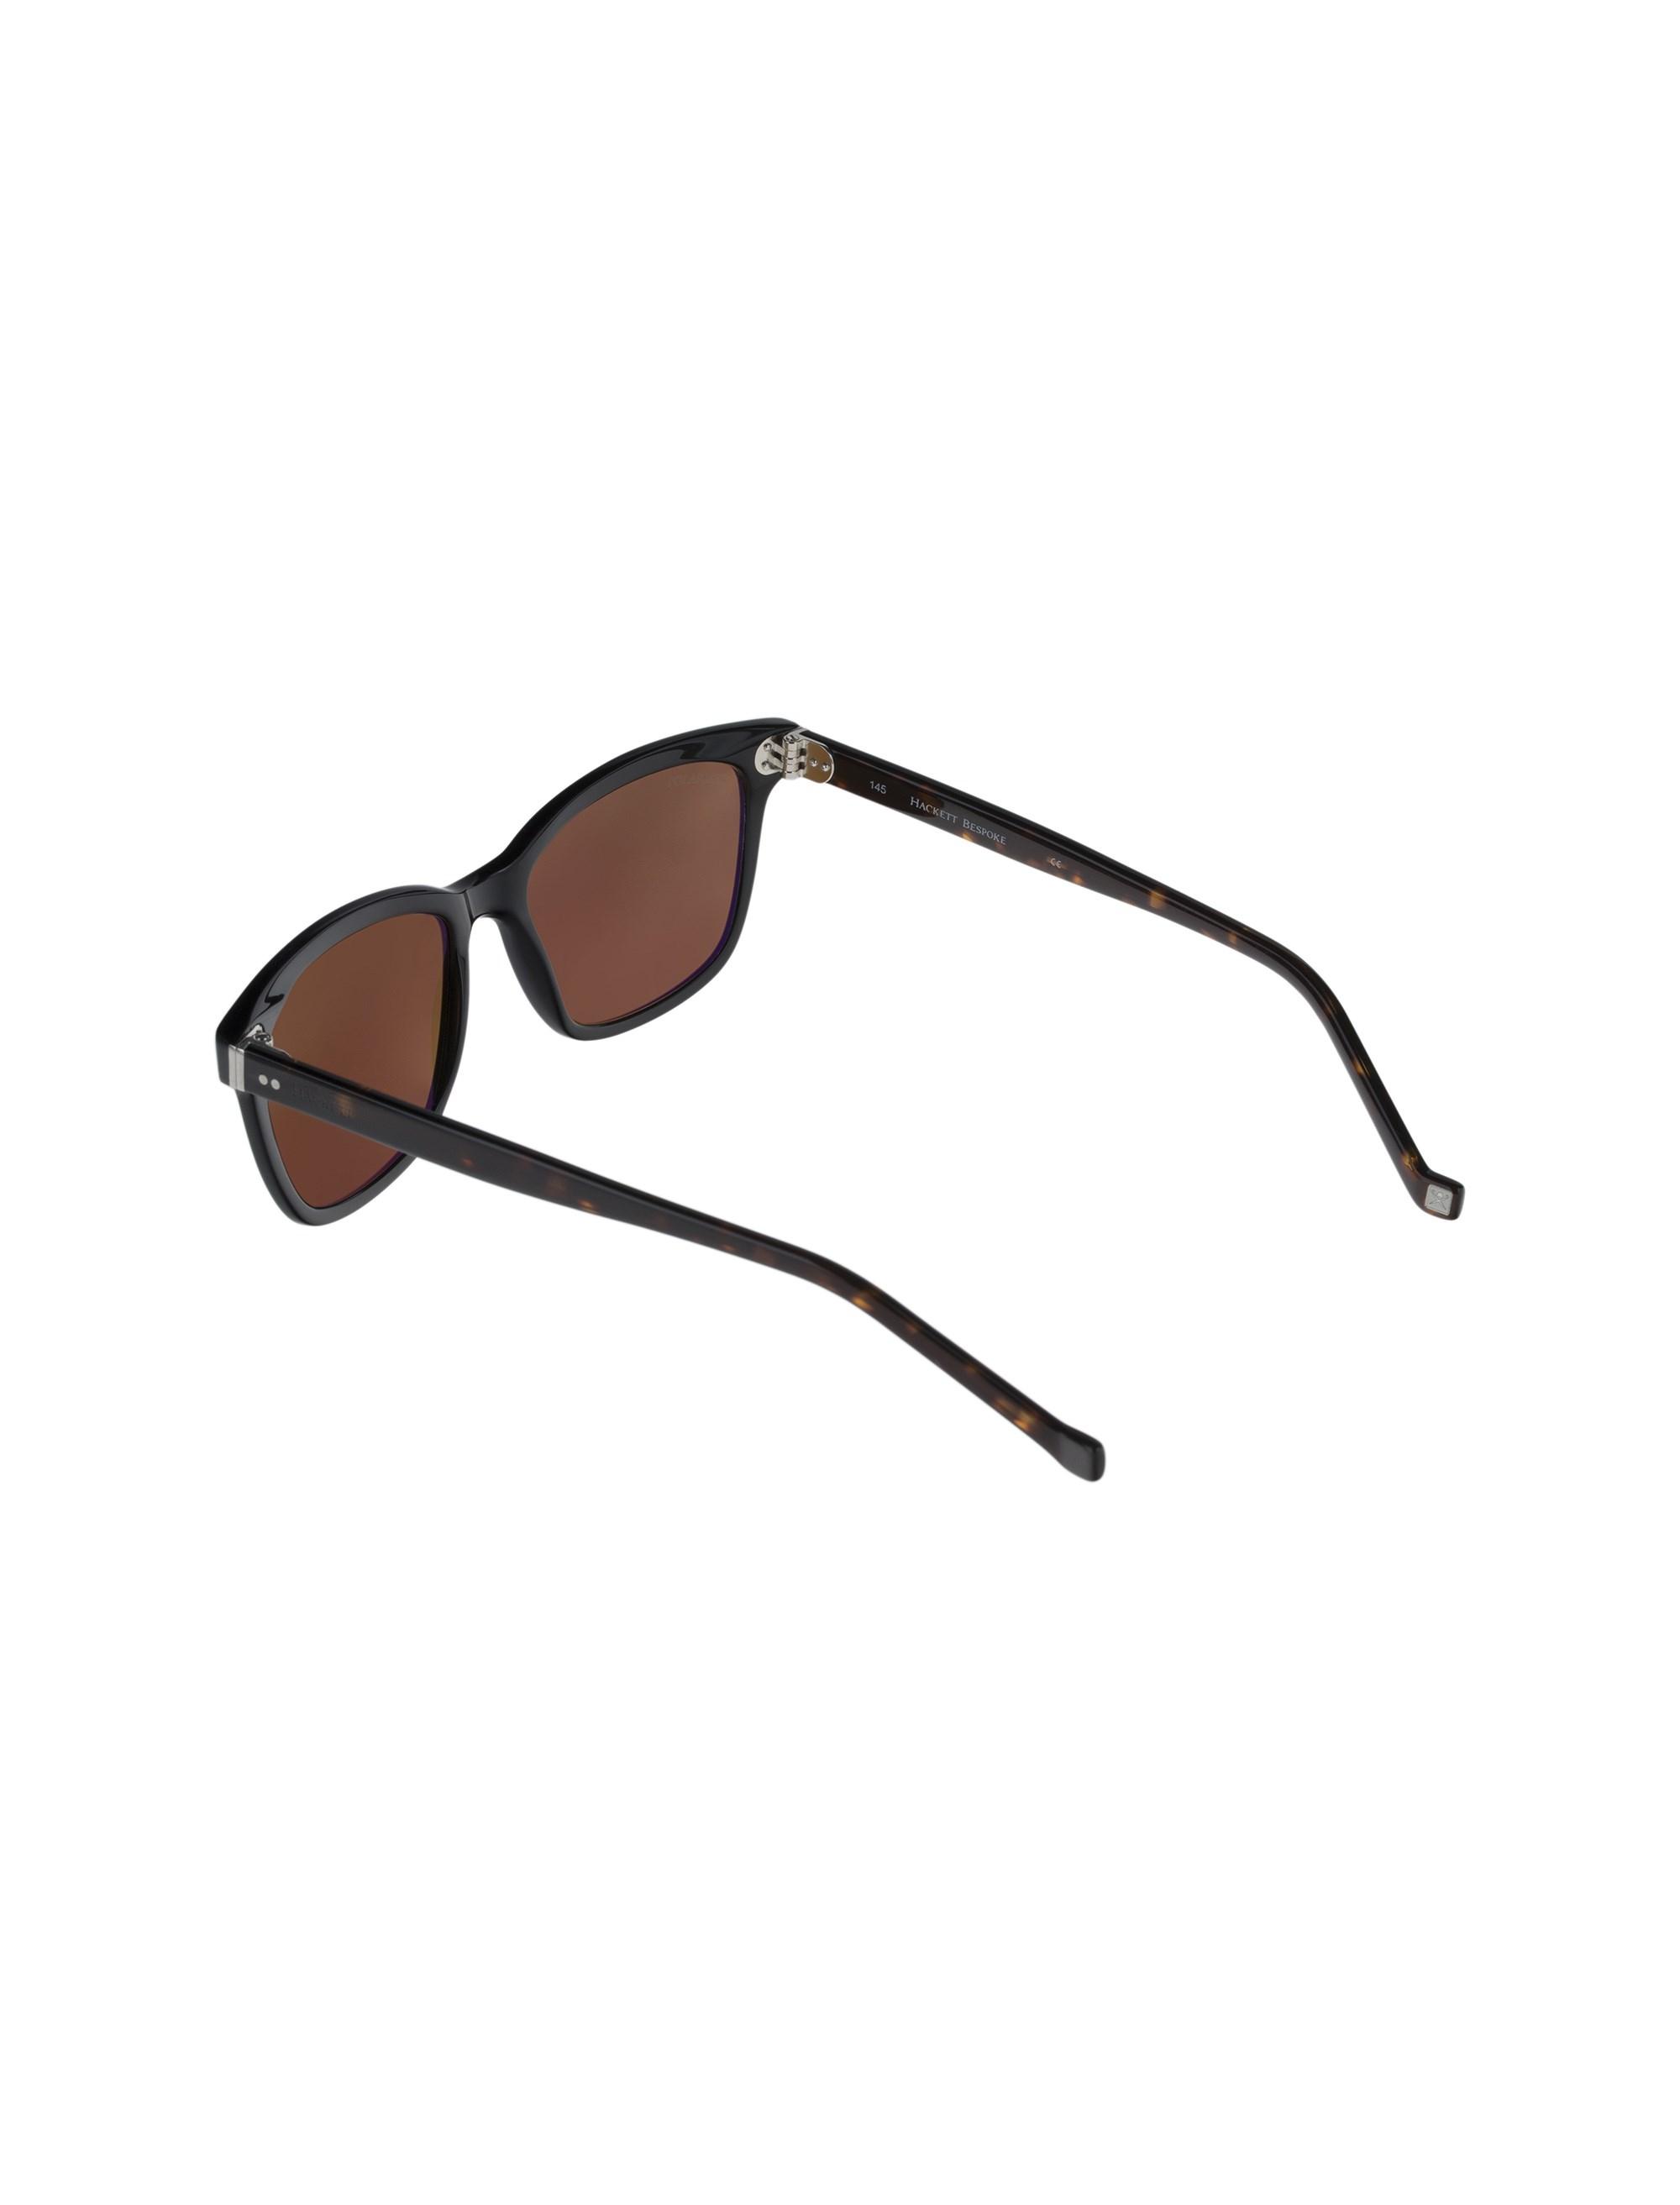 عینک آفتابی ویفرر مردانه - هکت